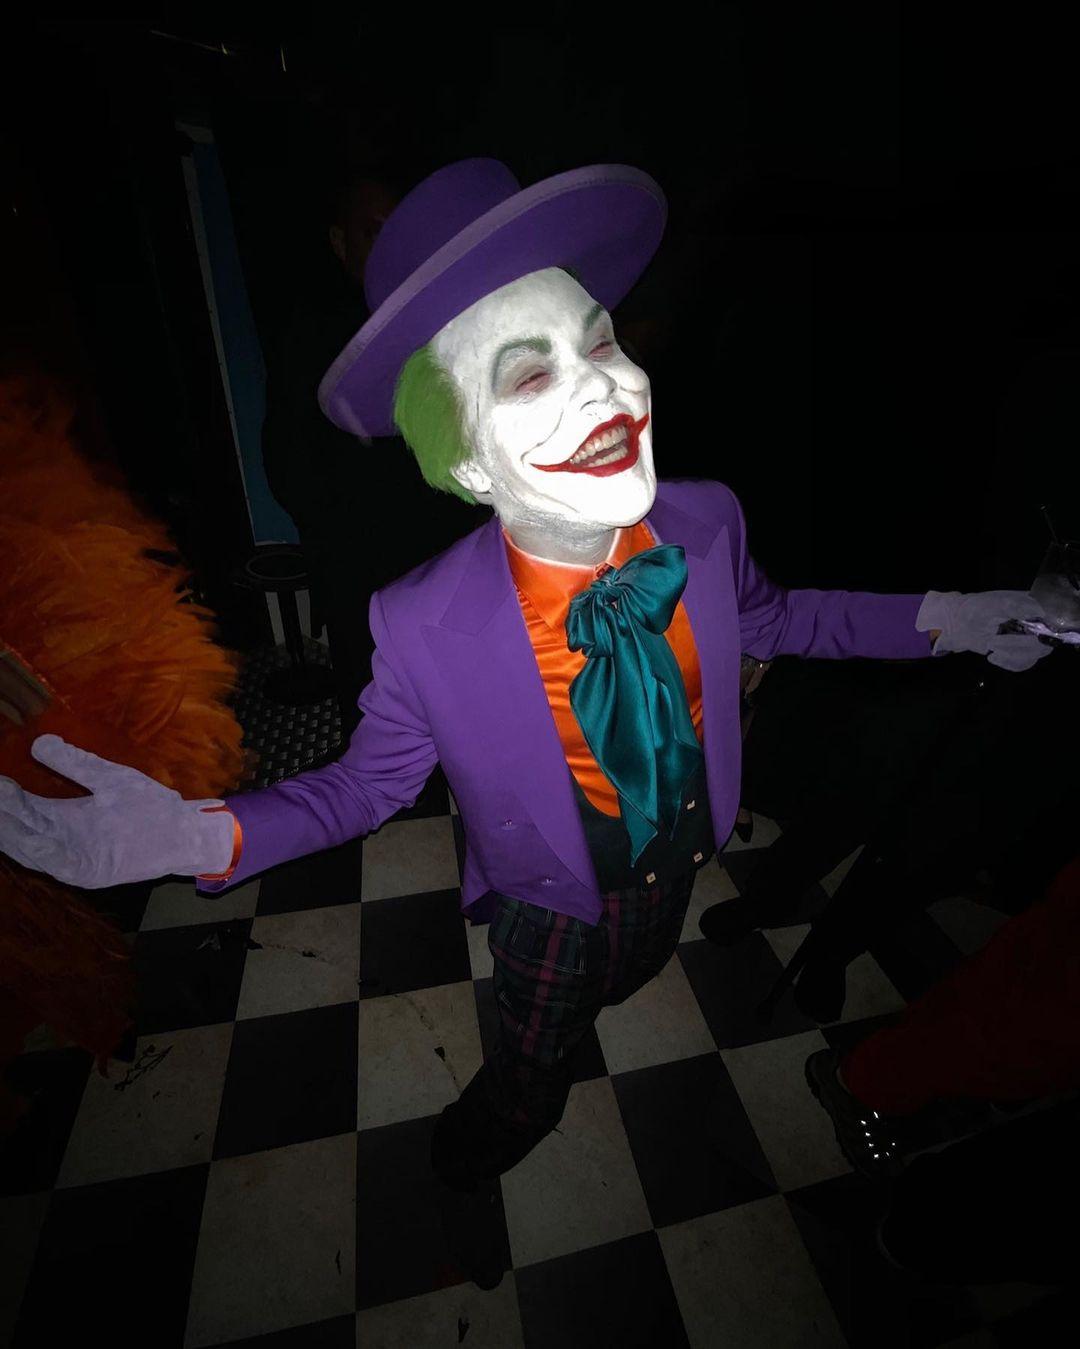 The Weekend Halloween 2019 Joker